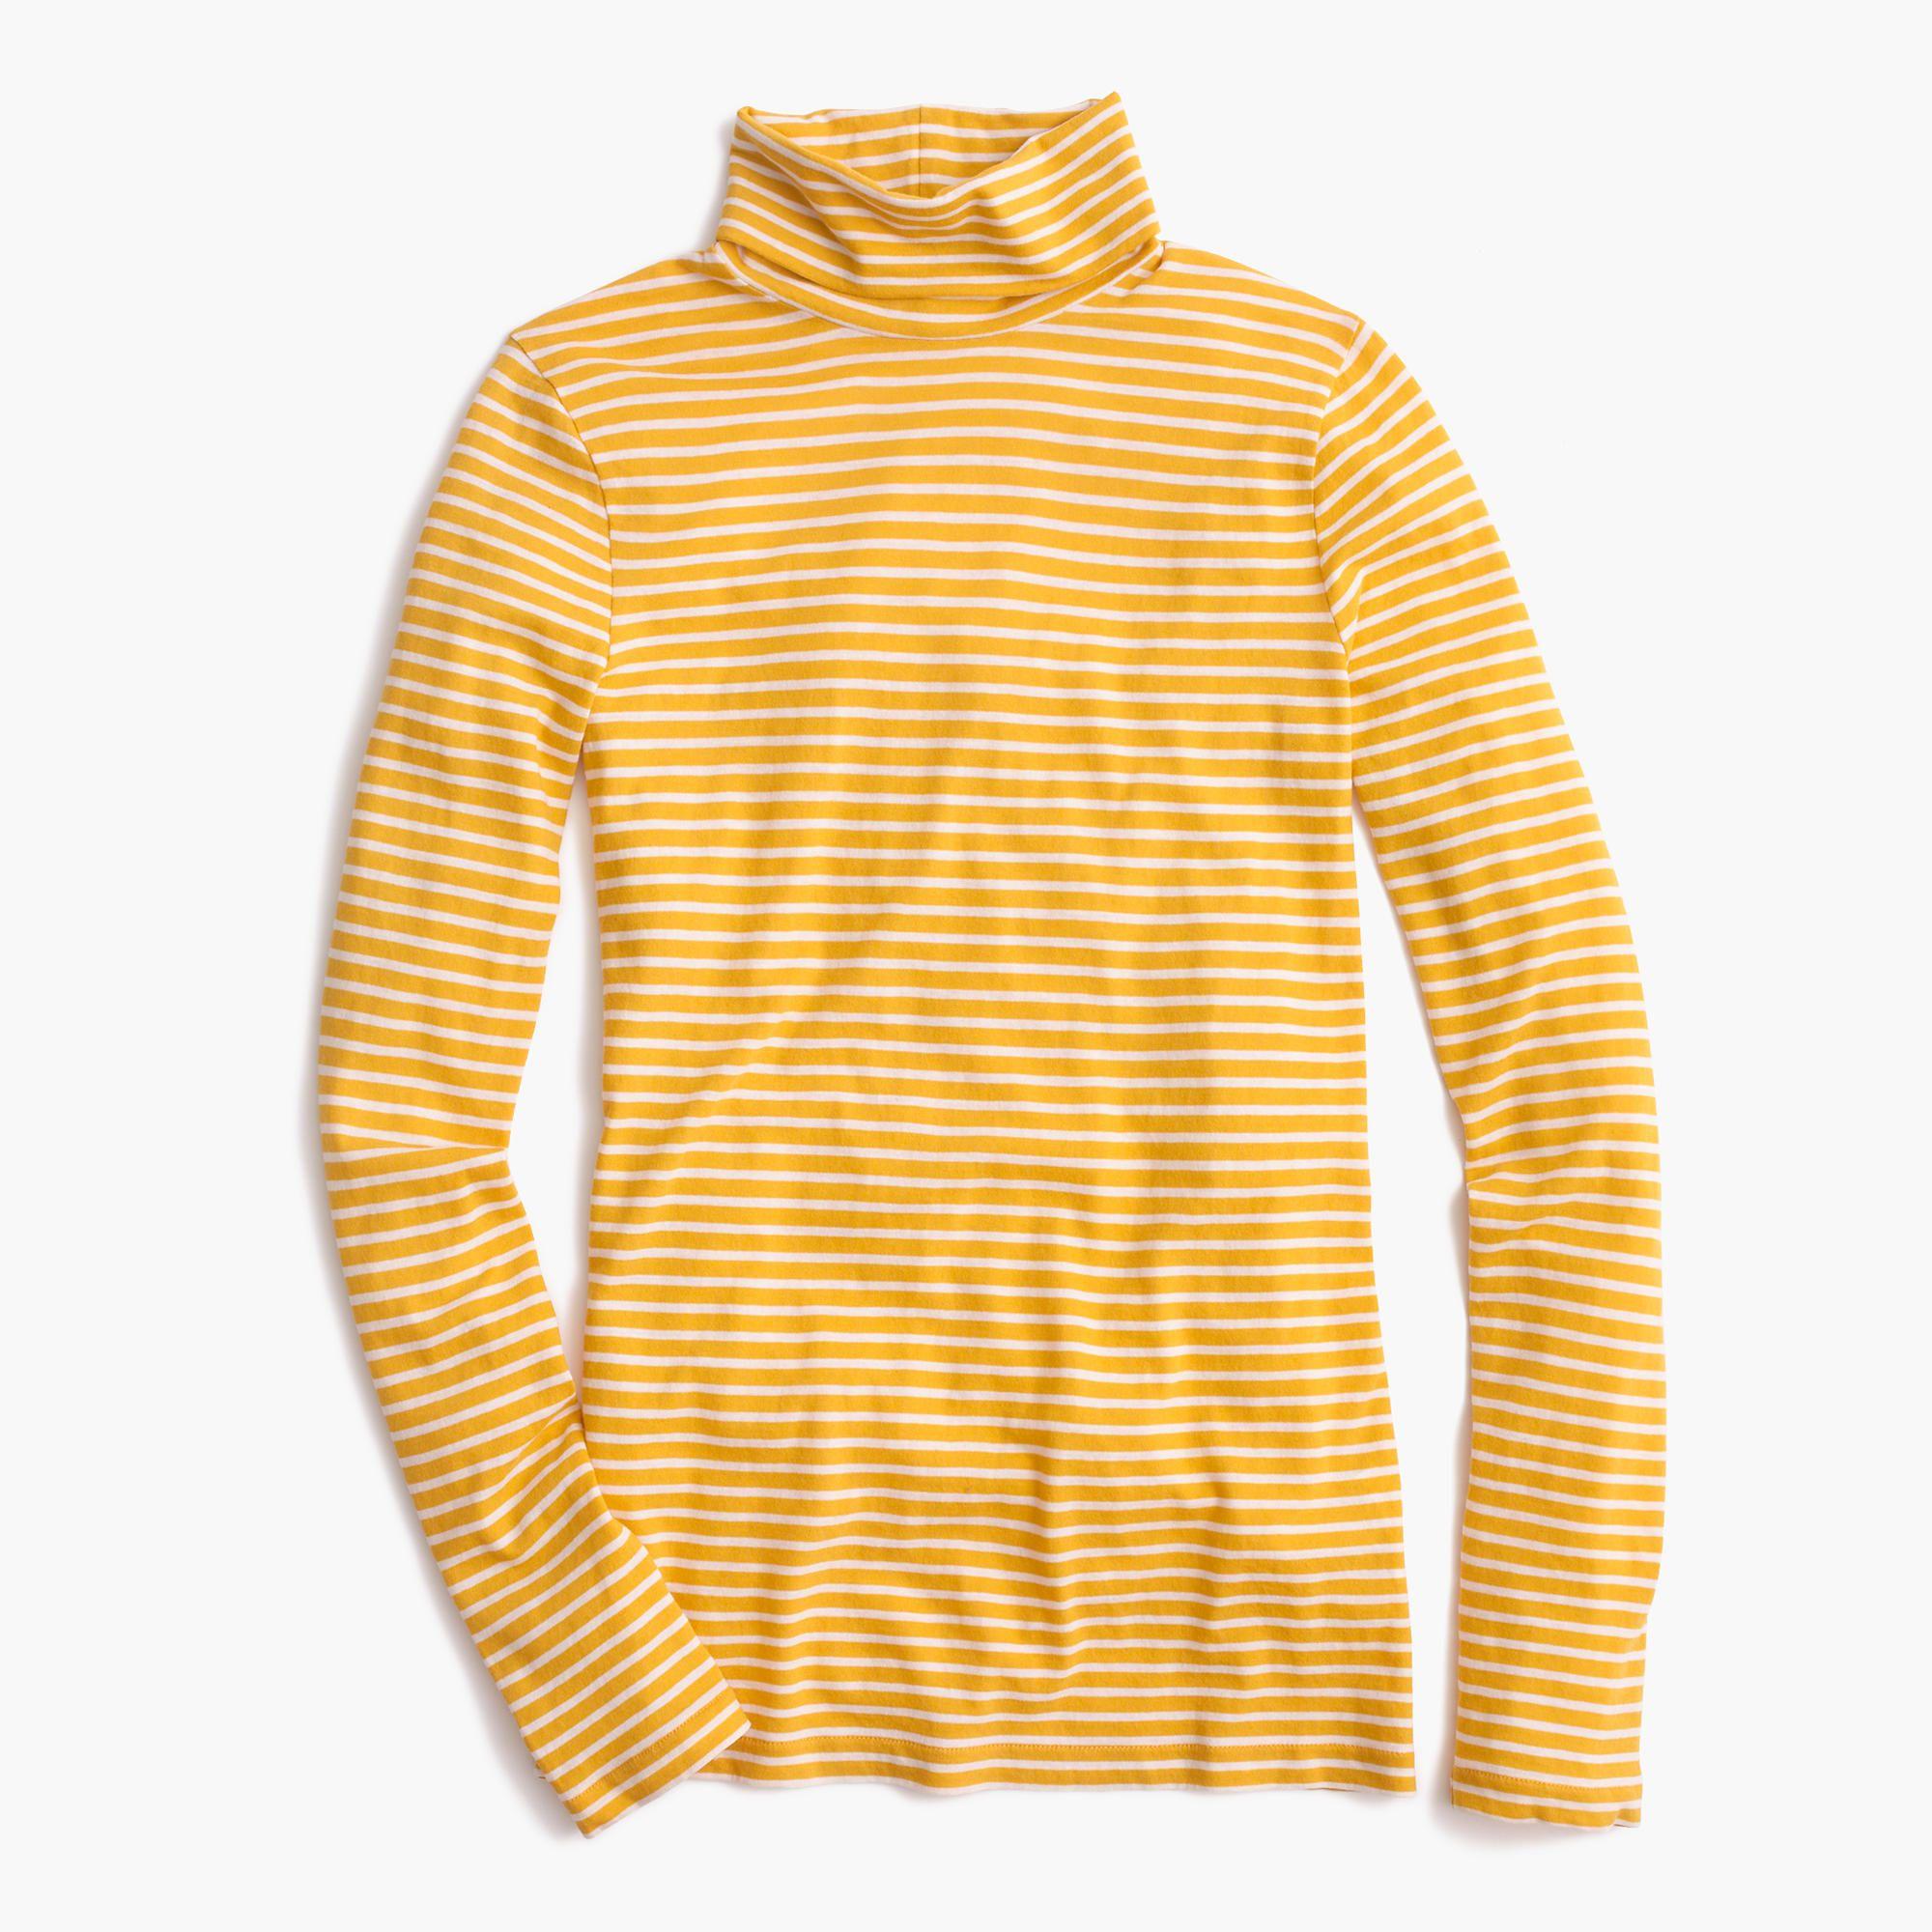 4e74f814d2 Tissue turtleneck T-shirt in light mustard ivory stripe | J.Crew - $39.50